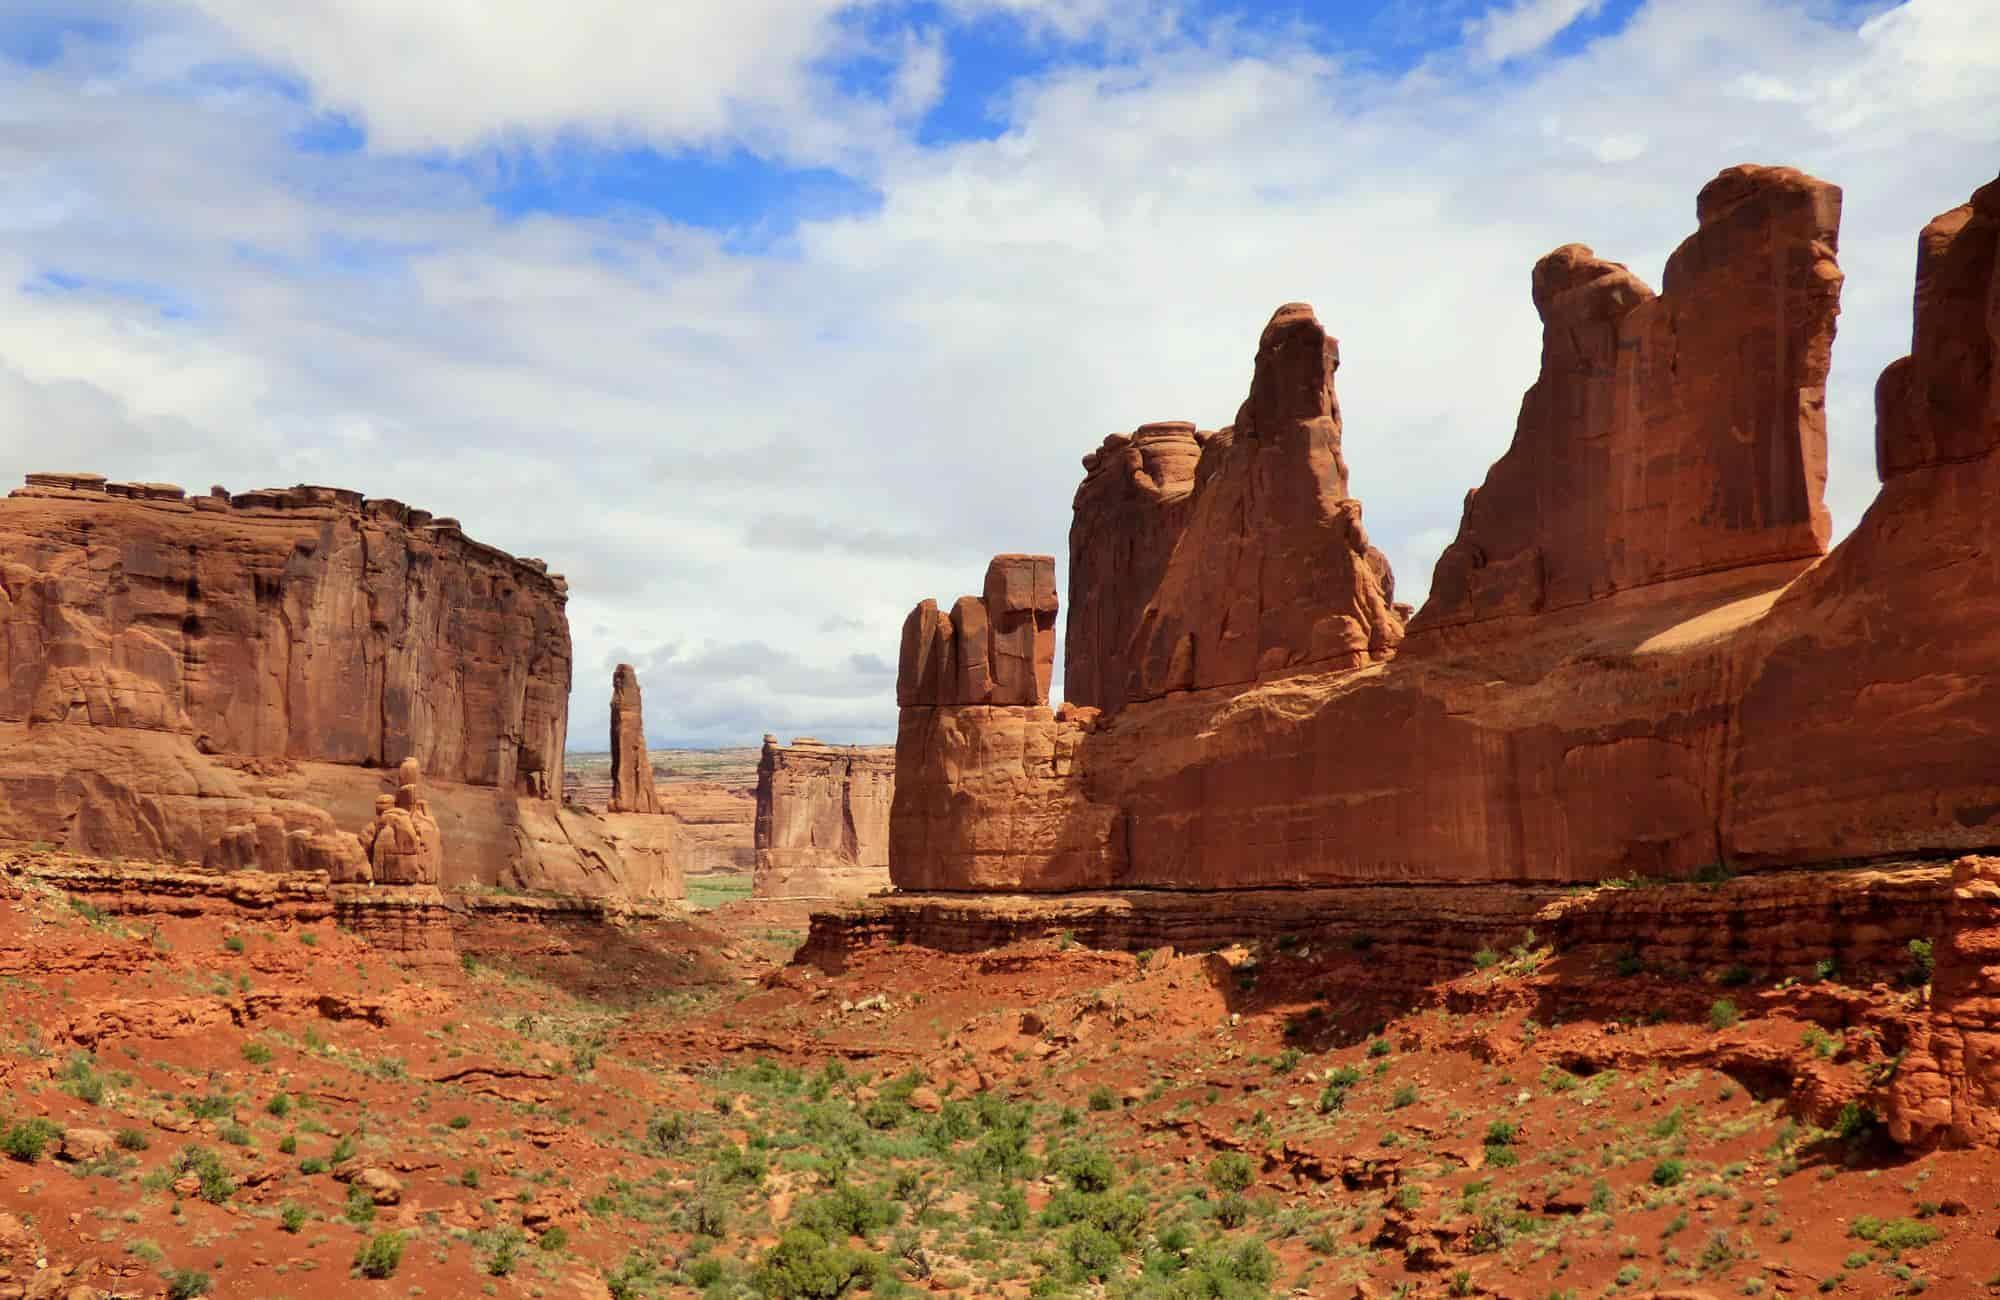 Voyage au États-Unis - Moab, Arches National Park - Amplitudes